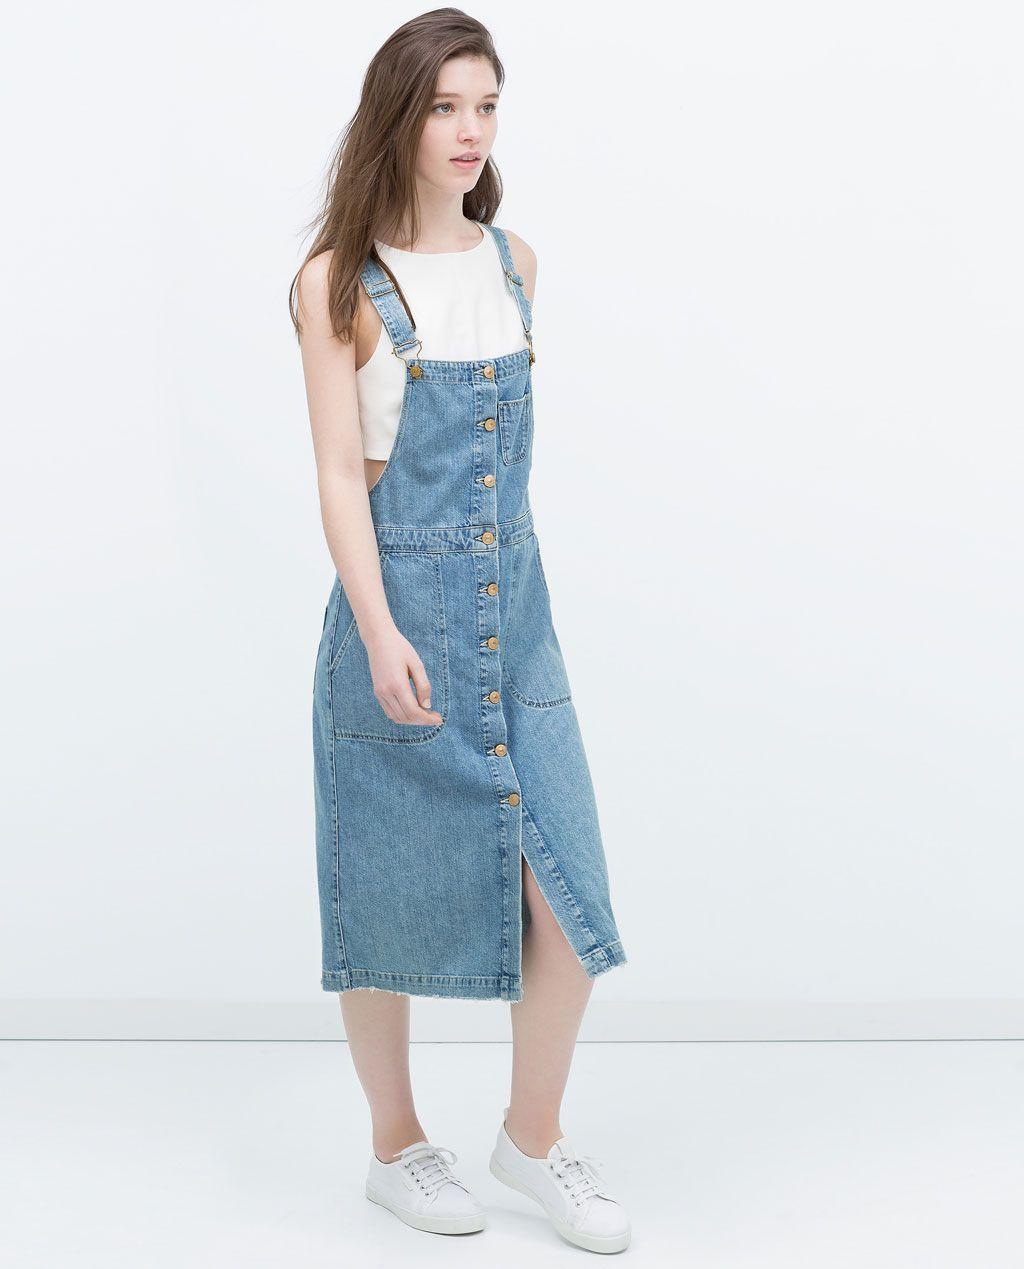 Pin von e m s auf ☆LOOK☆  Latzhosenkleid, Jeans kleid, Kleidung